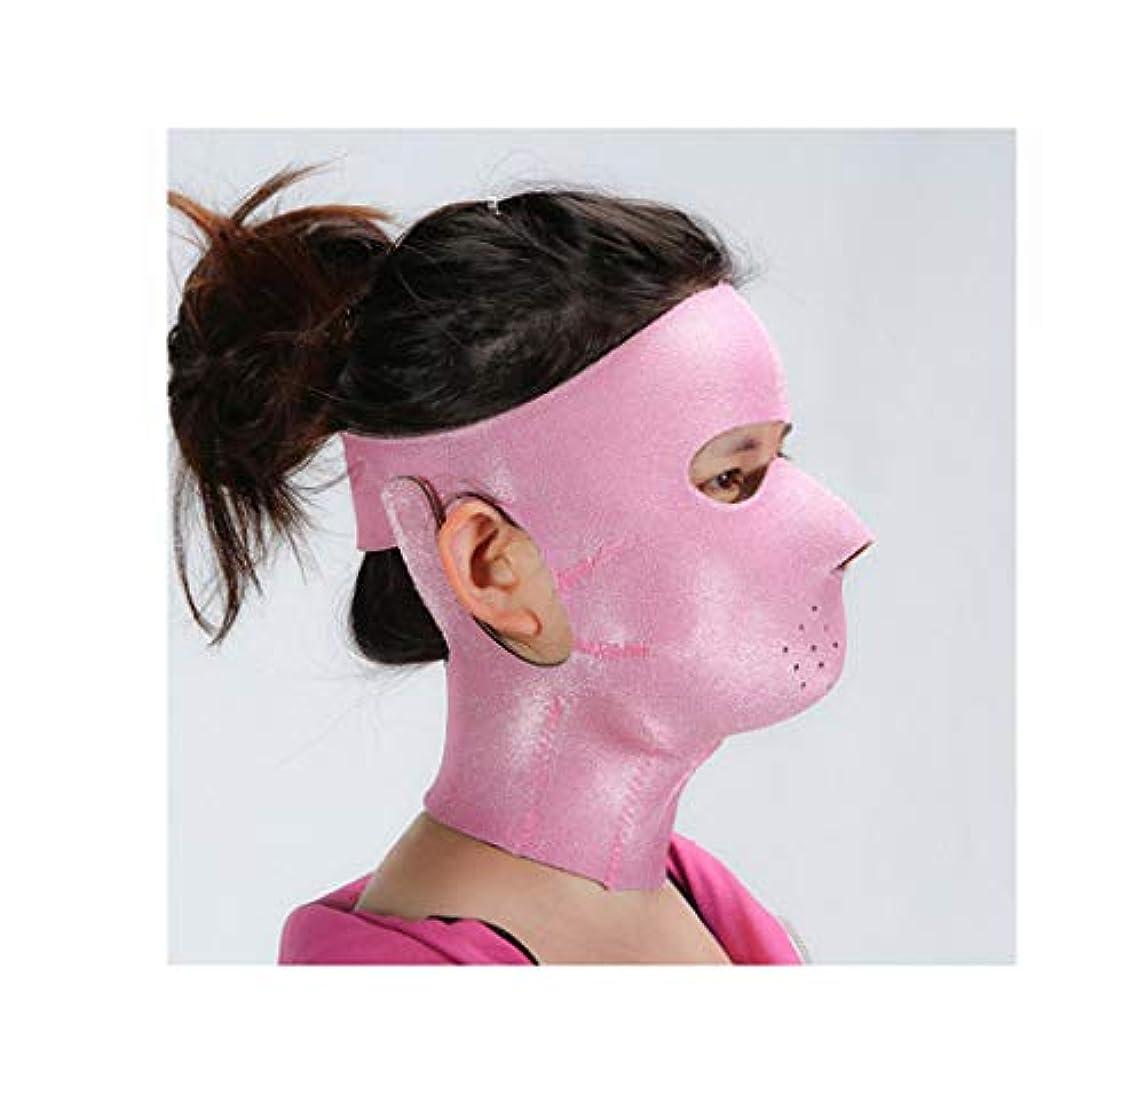 以下終点プロフィールTLMY 薄い顔マスクマスクプラス薄いマスク引き締めアンチエイジング薄いマスク顔の薄い顔マスクアーティファクト美容ネックバンド 顔用整形マスク